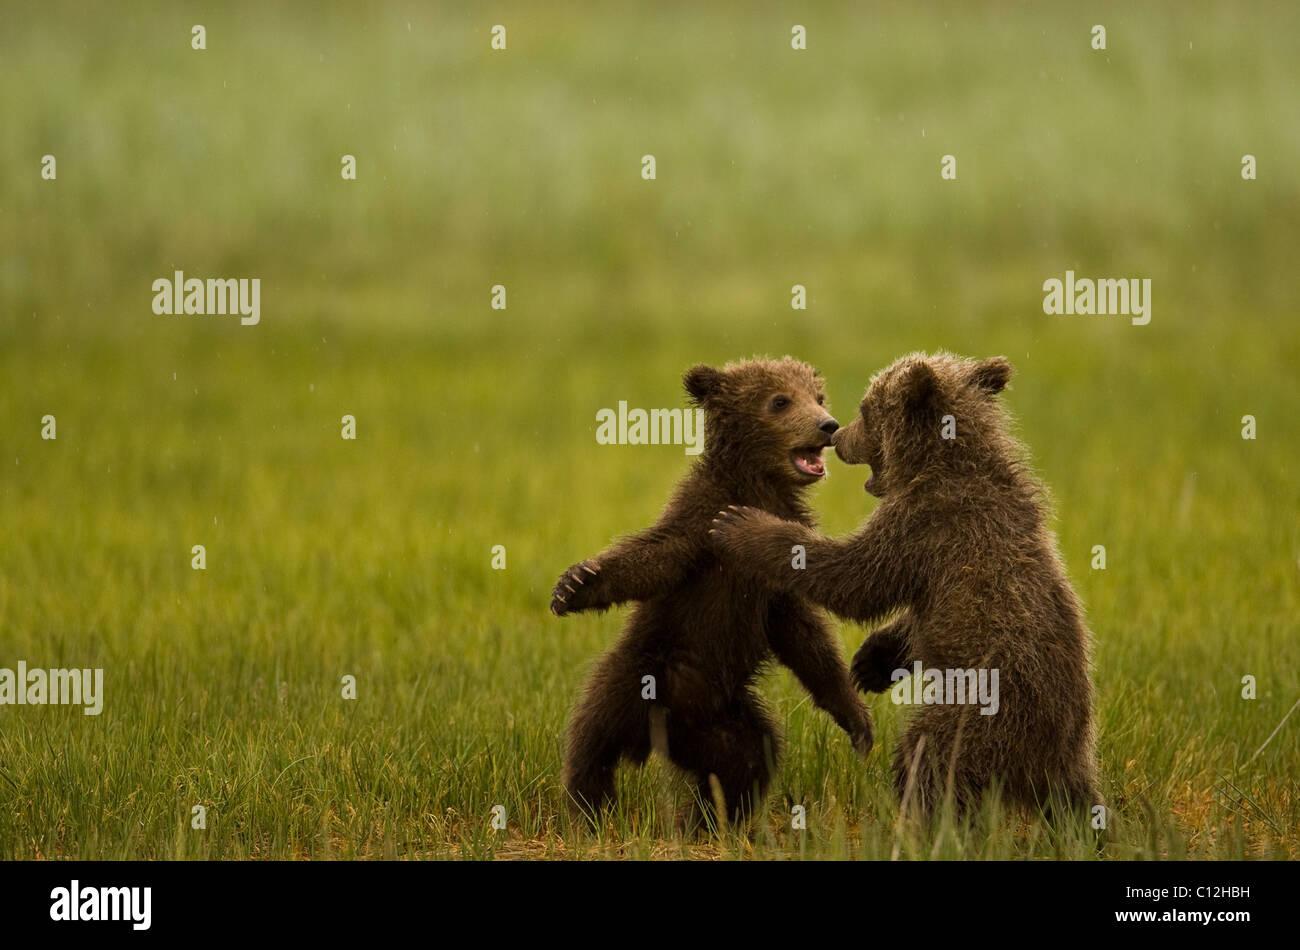 Grizzly Bear cubs juegan en una pradera costera. Imagen De Stock